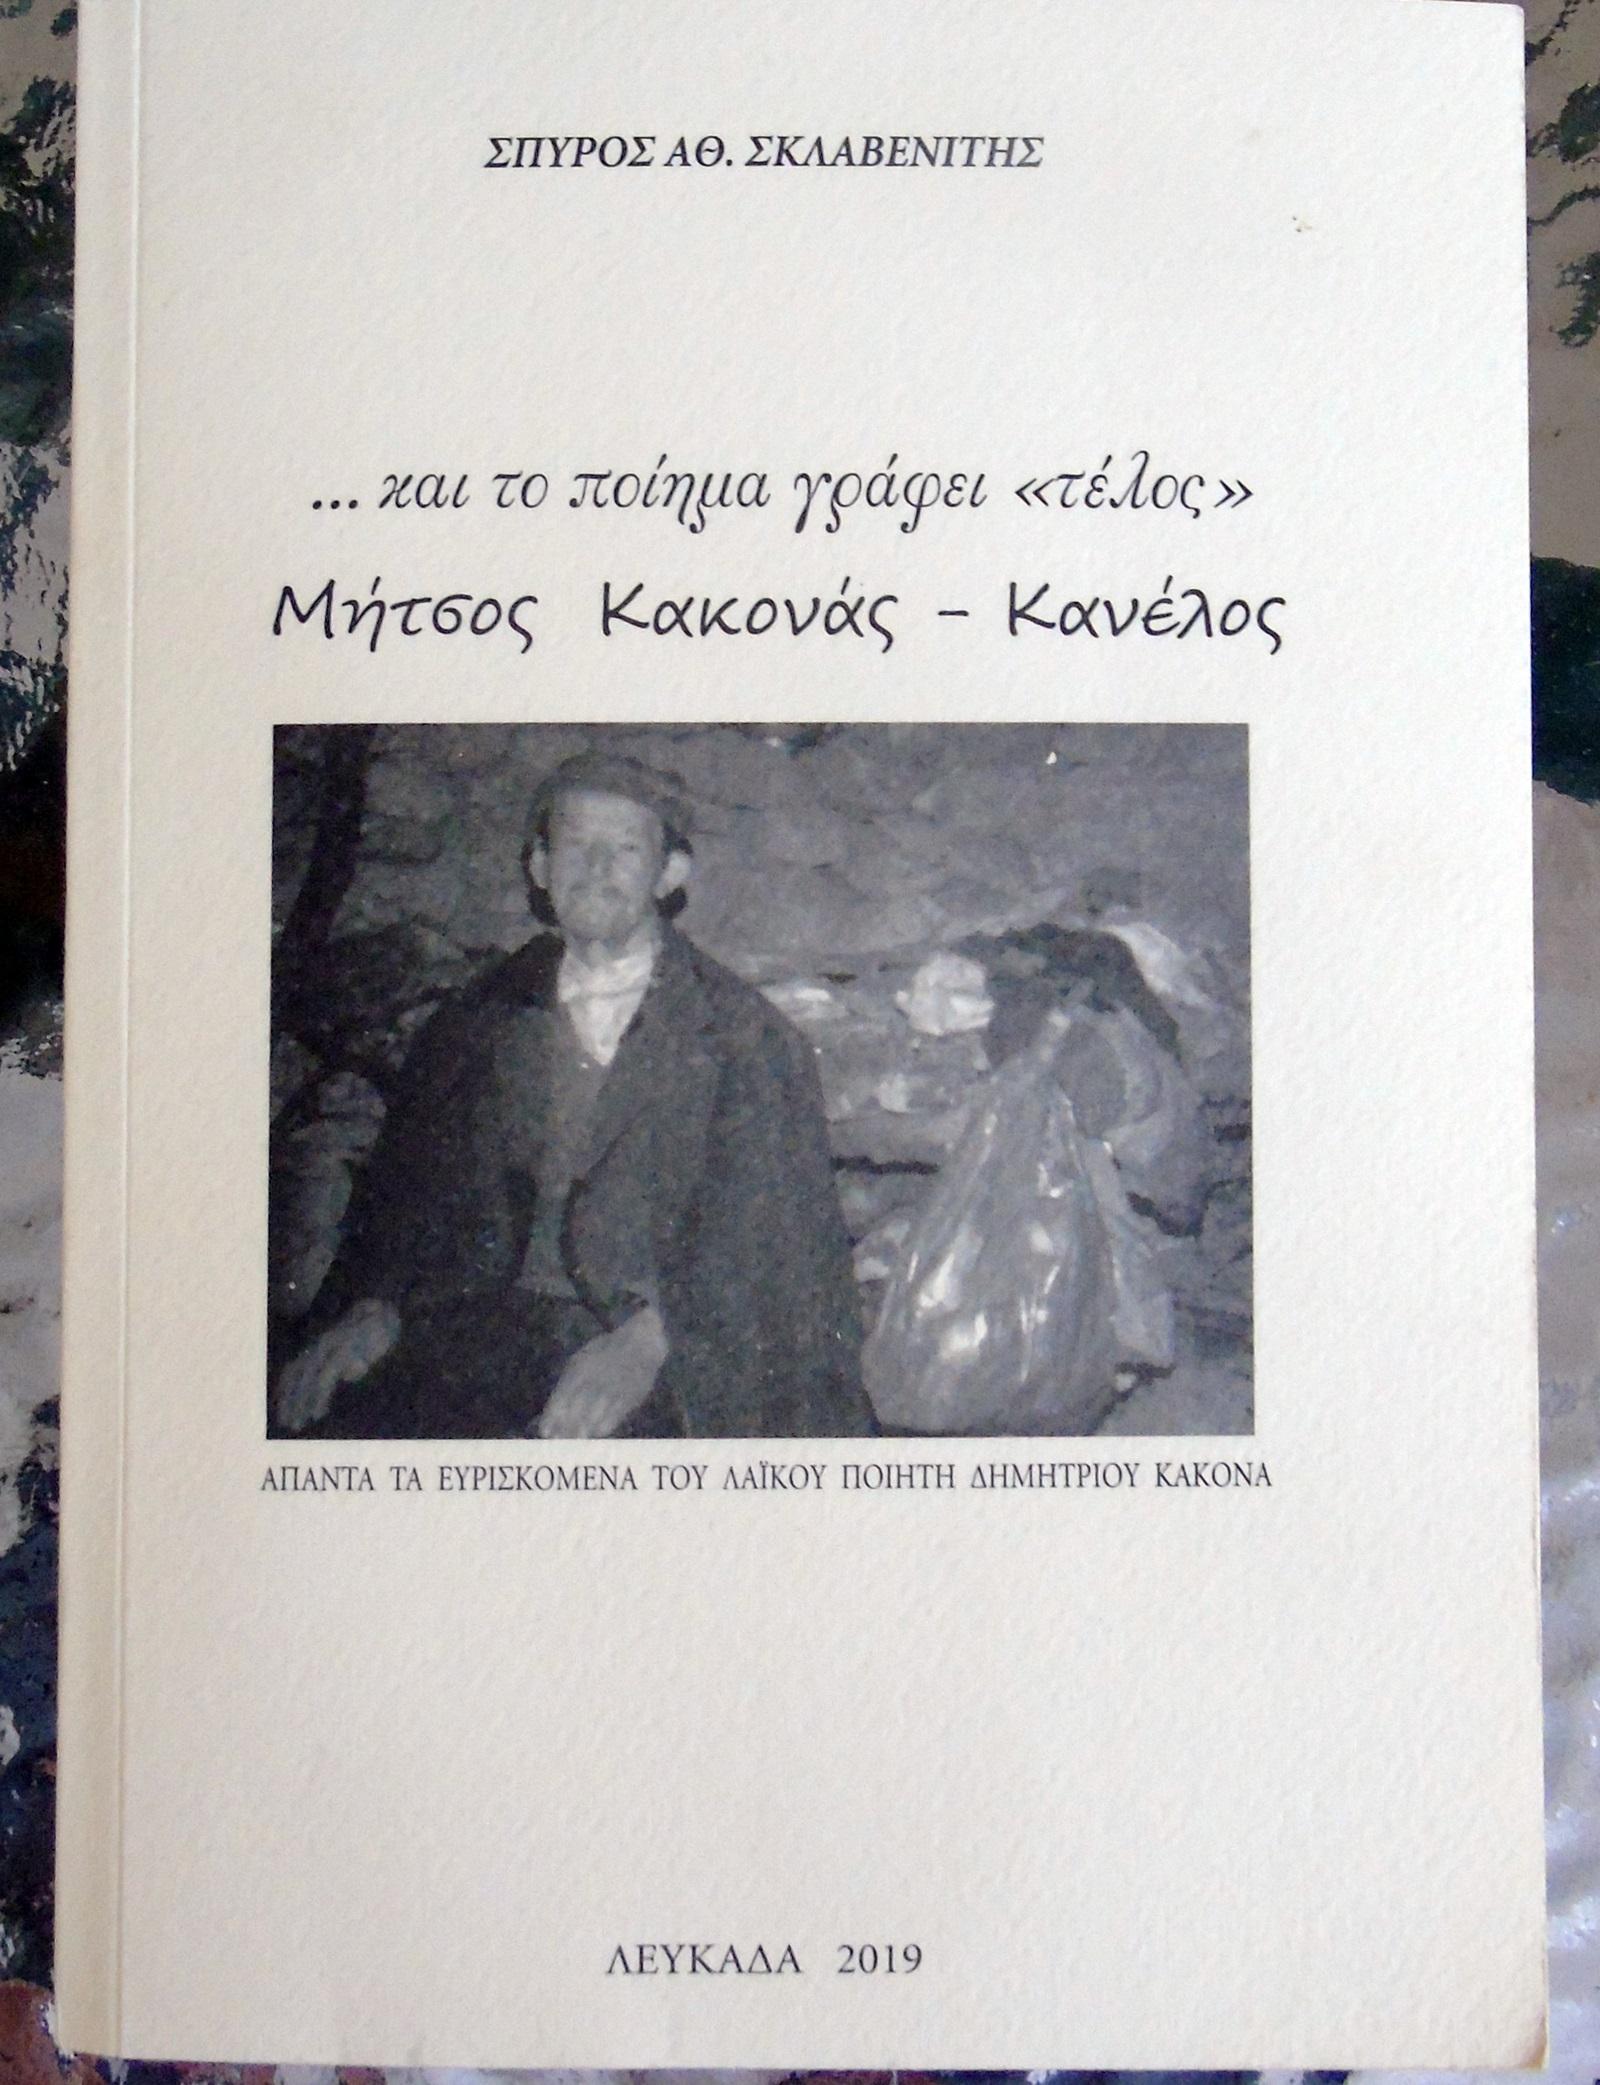 1_mitsos_kakonas_kanelos